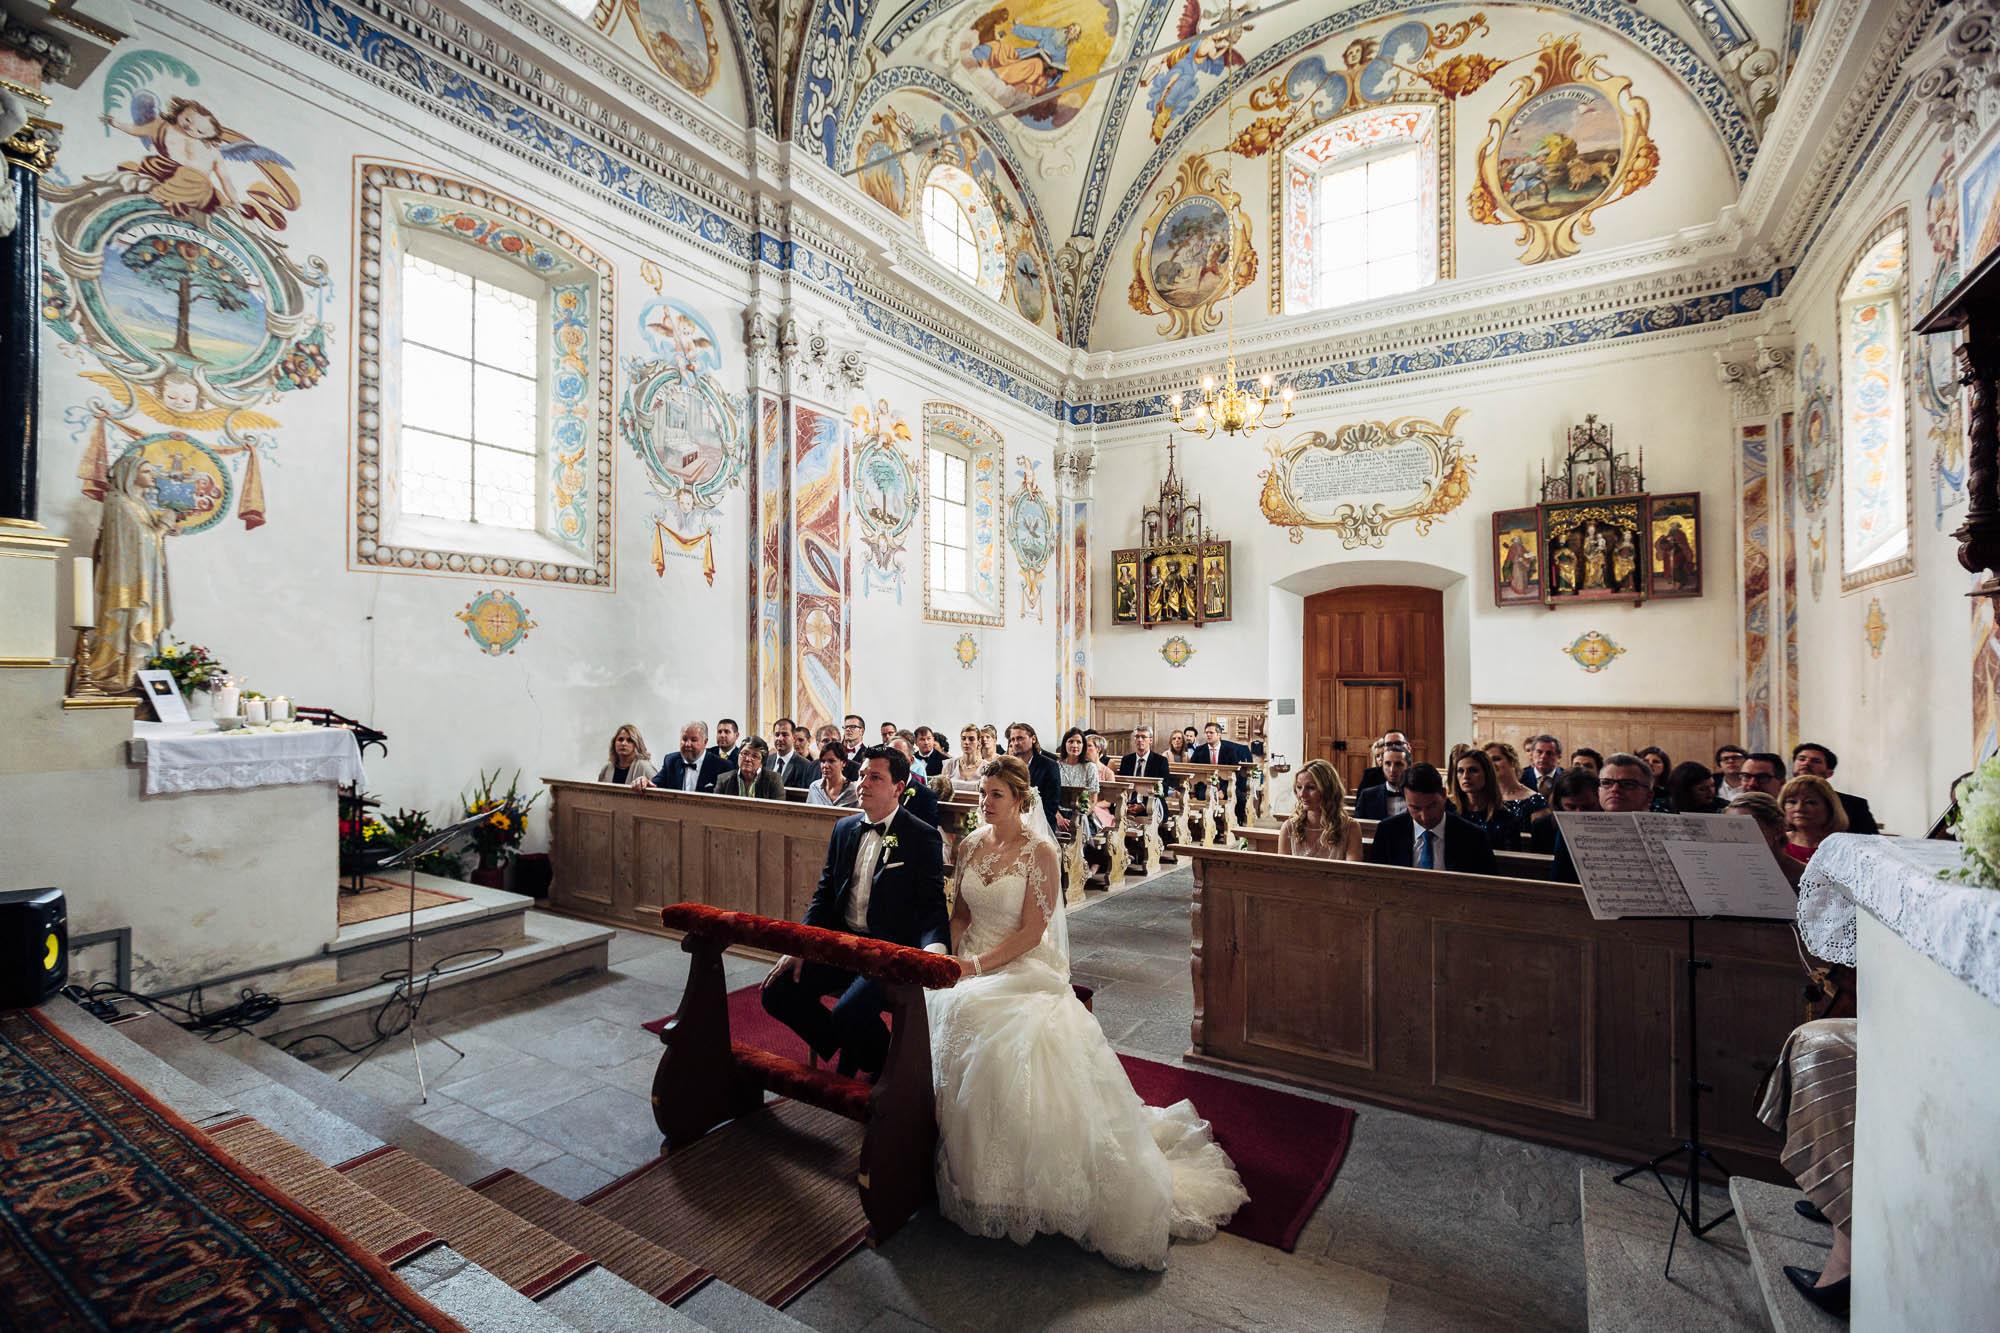 Brautpaar in der Kirche mit Hochzeitsgesellschaft